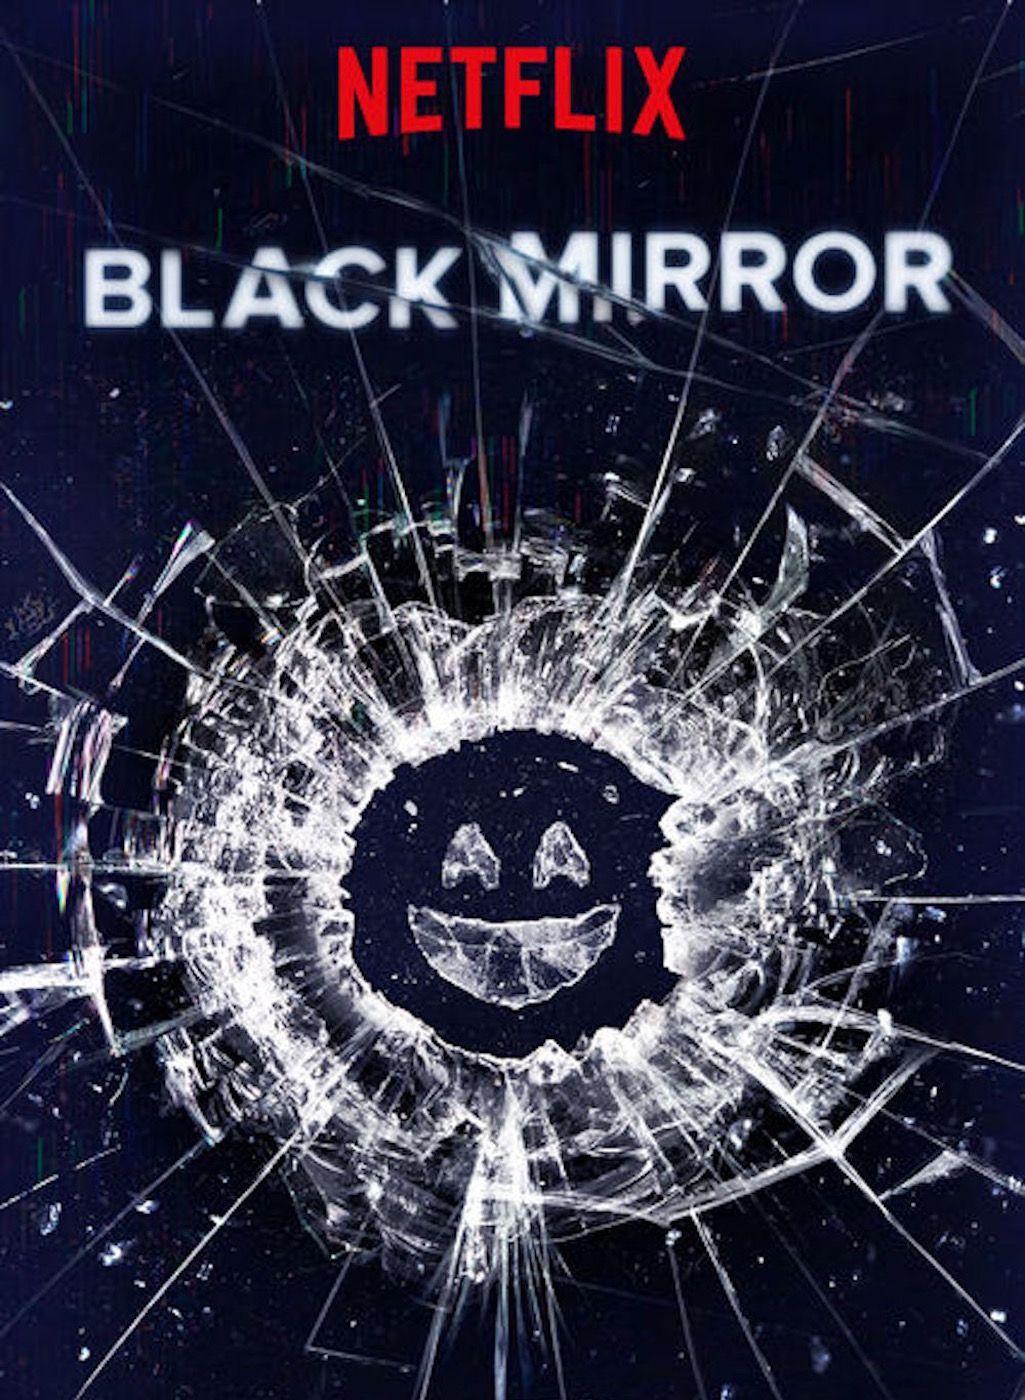 Black Mirror renouvelé pour une saison 5